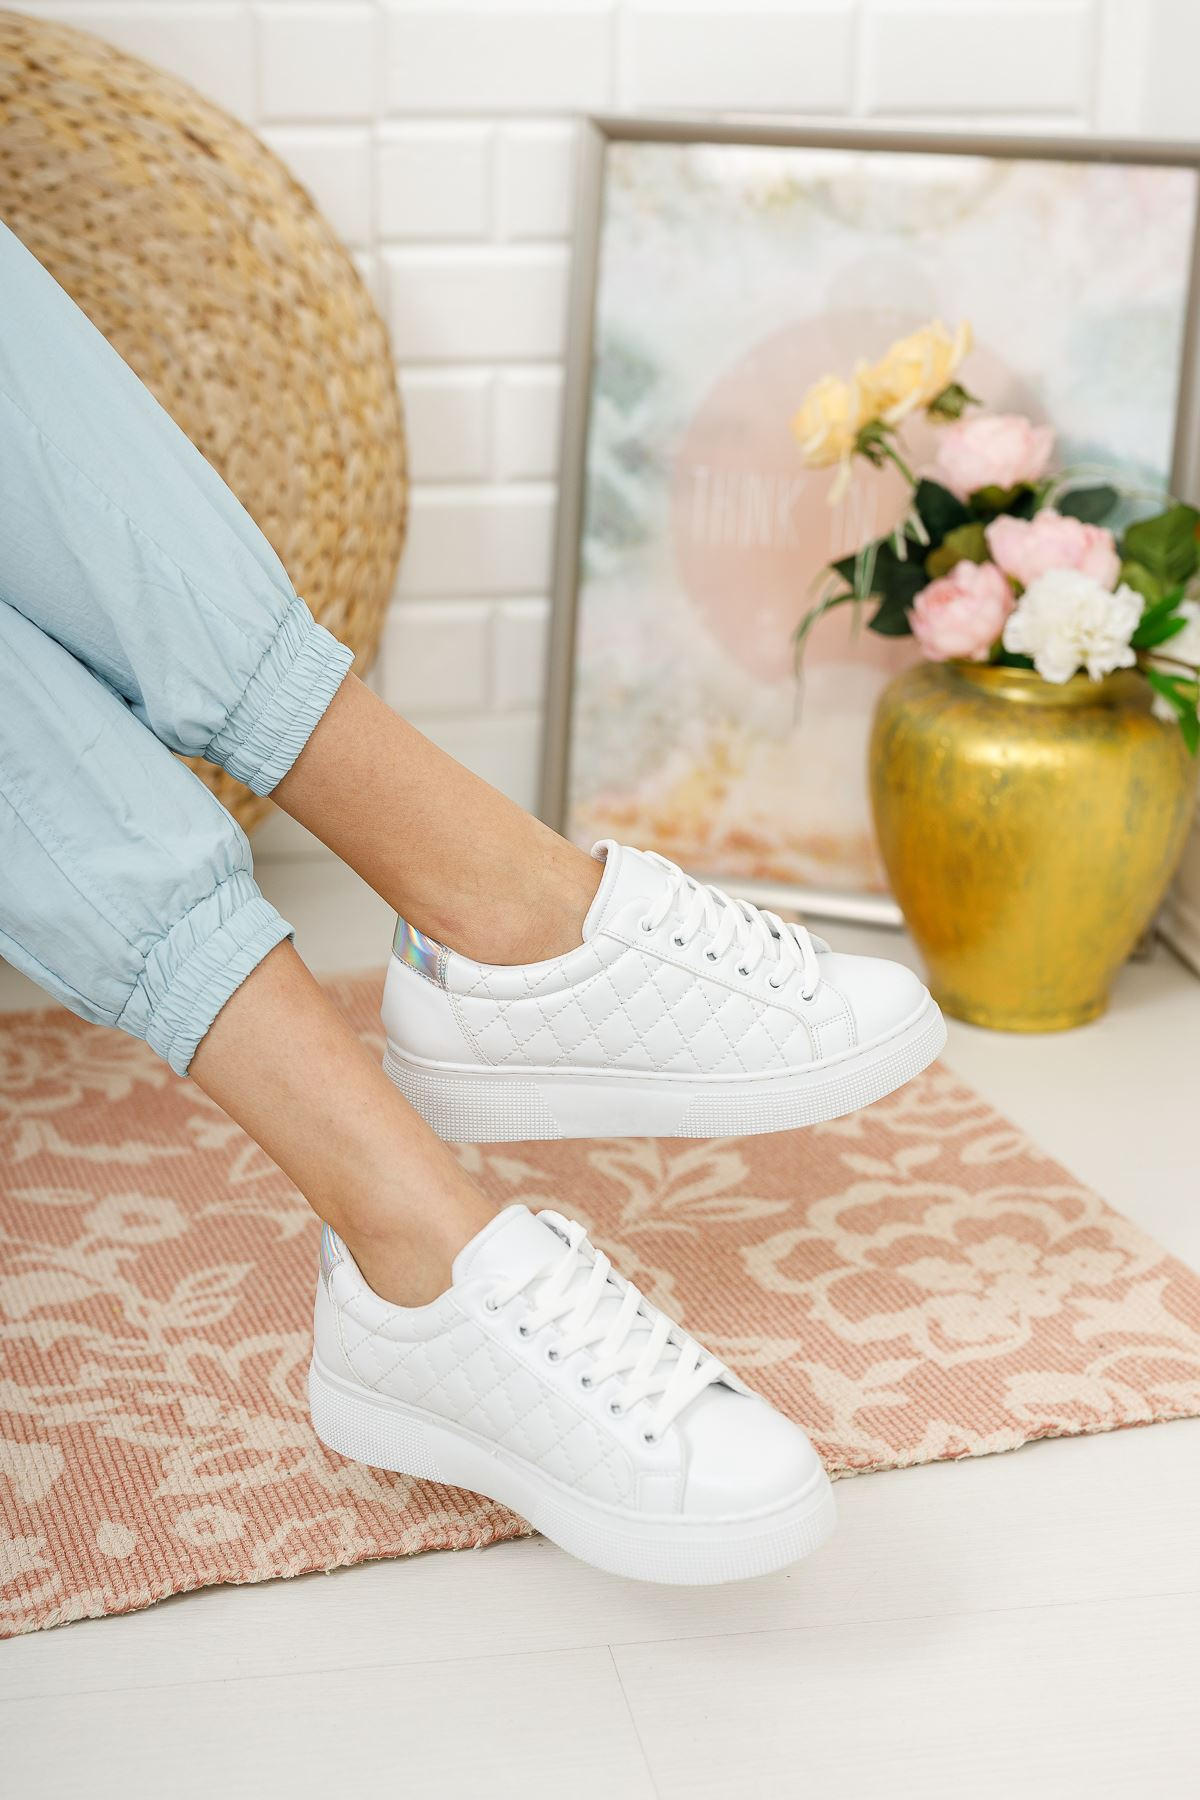 Kadın Polin Kalın Taban Bağcıklı Kapitone Beyaz Spor Ayakkabı